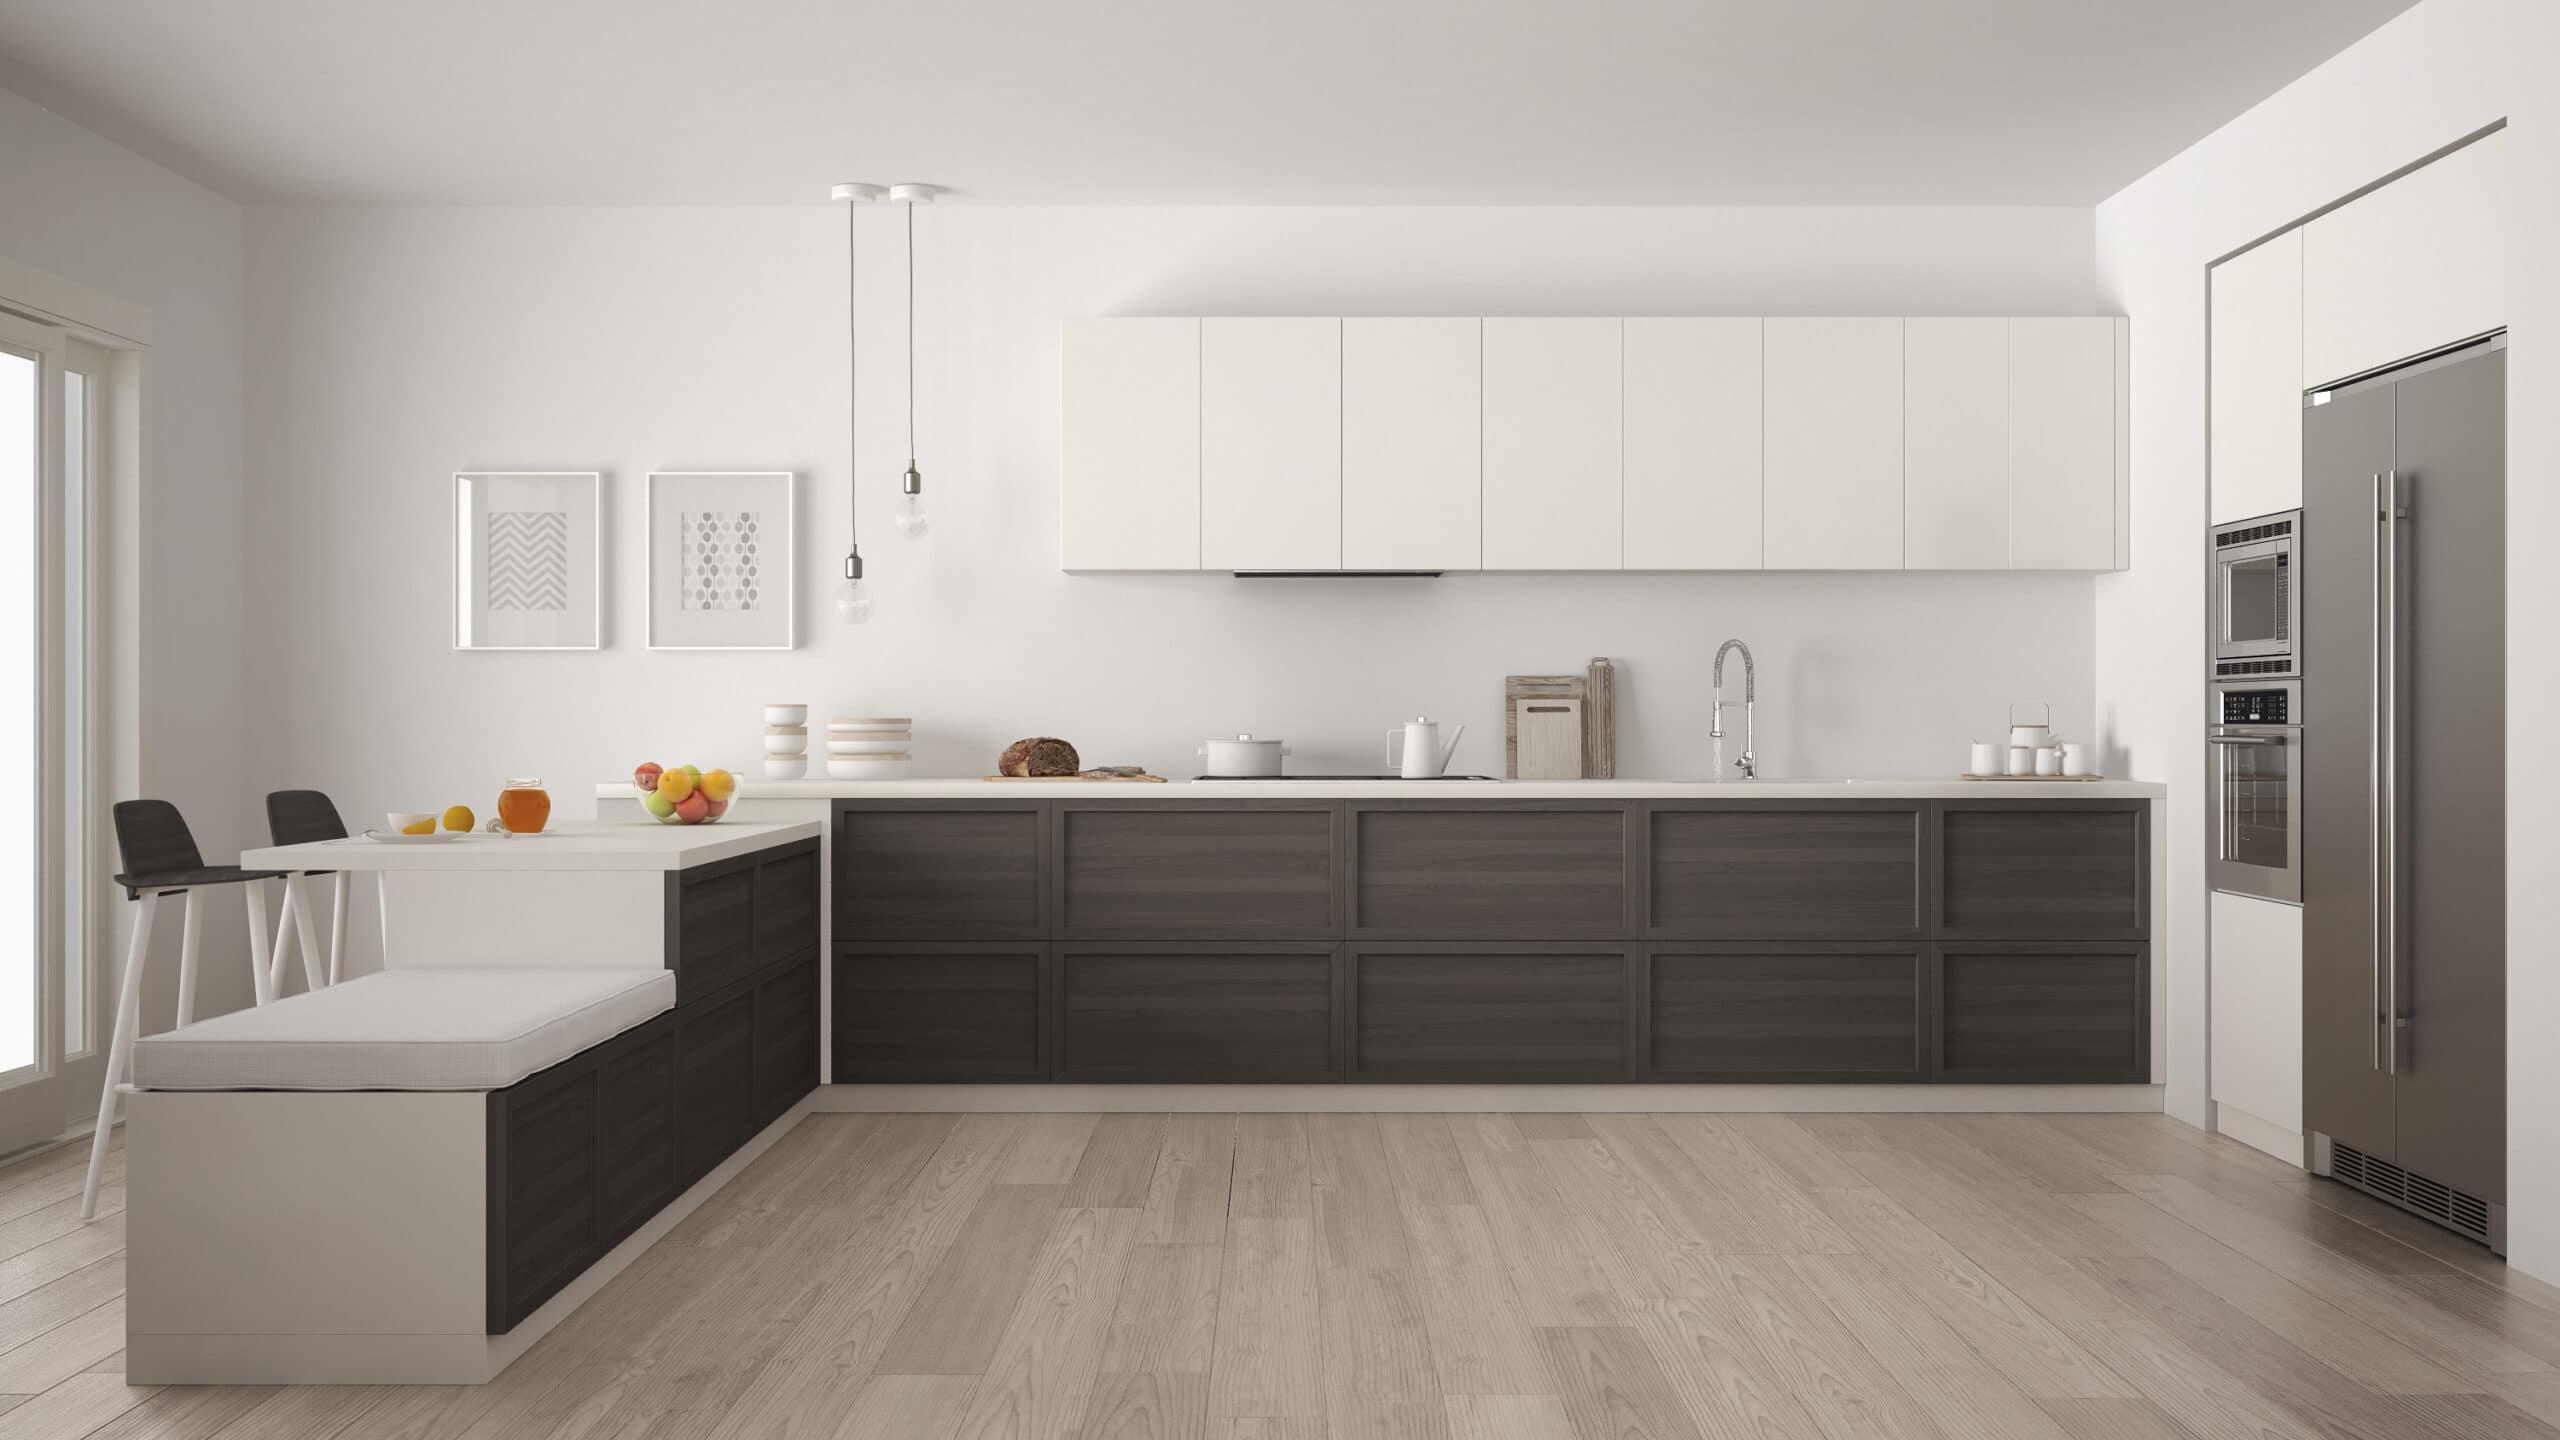 עיצוב מטבחים בהתאמהבעלי החברות לעיצוב והתקנה של מטבחים שמומחים בתחומם עם הרבה רצון לספק מטבחים איכותיים שיודעים לספק פתרונות מגוונים לכל בית במקביל להפעלת המקרר והתנור ללקוח במטבח שלו